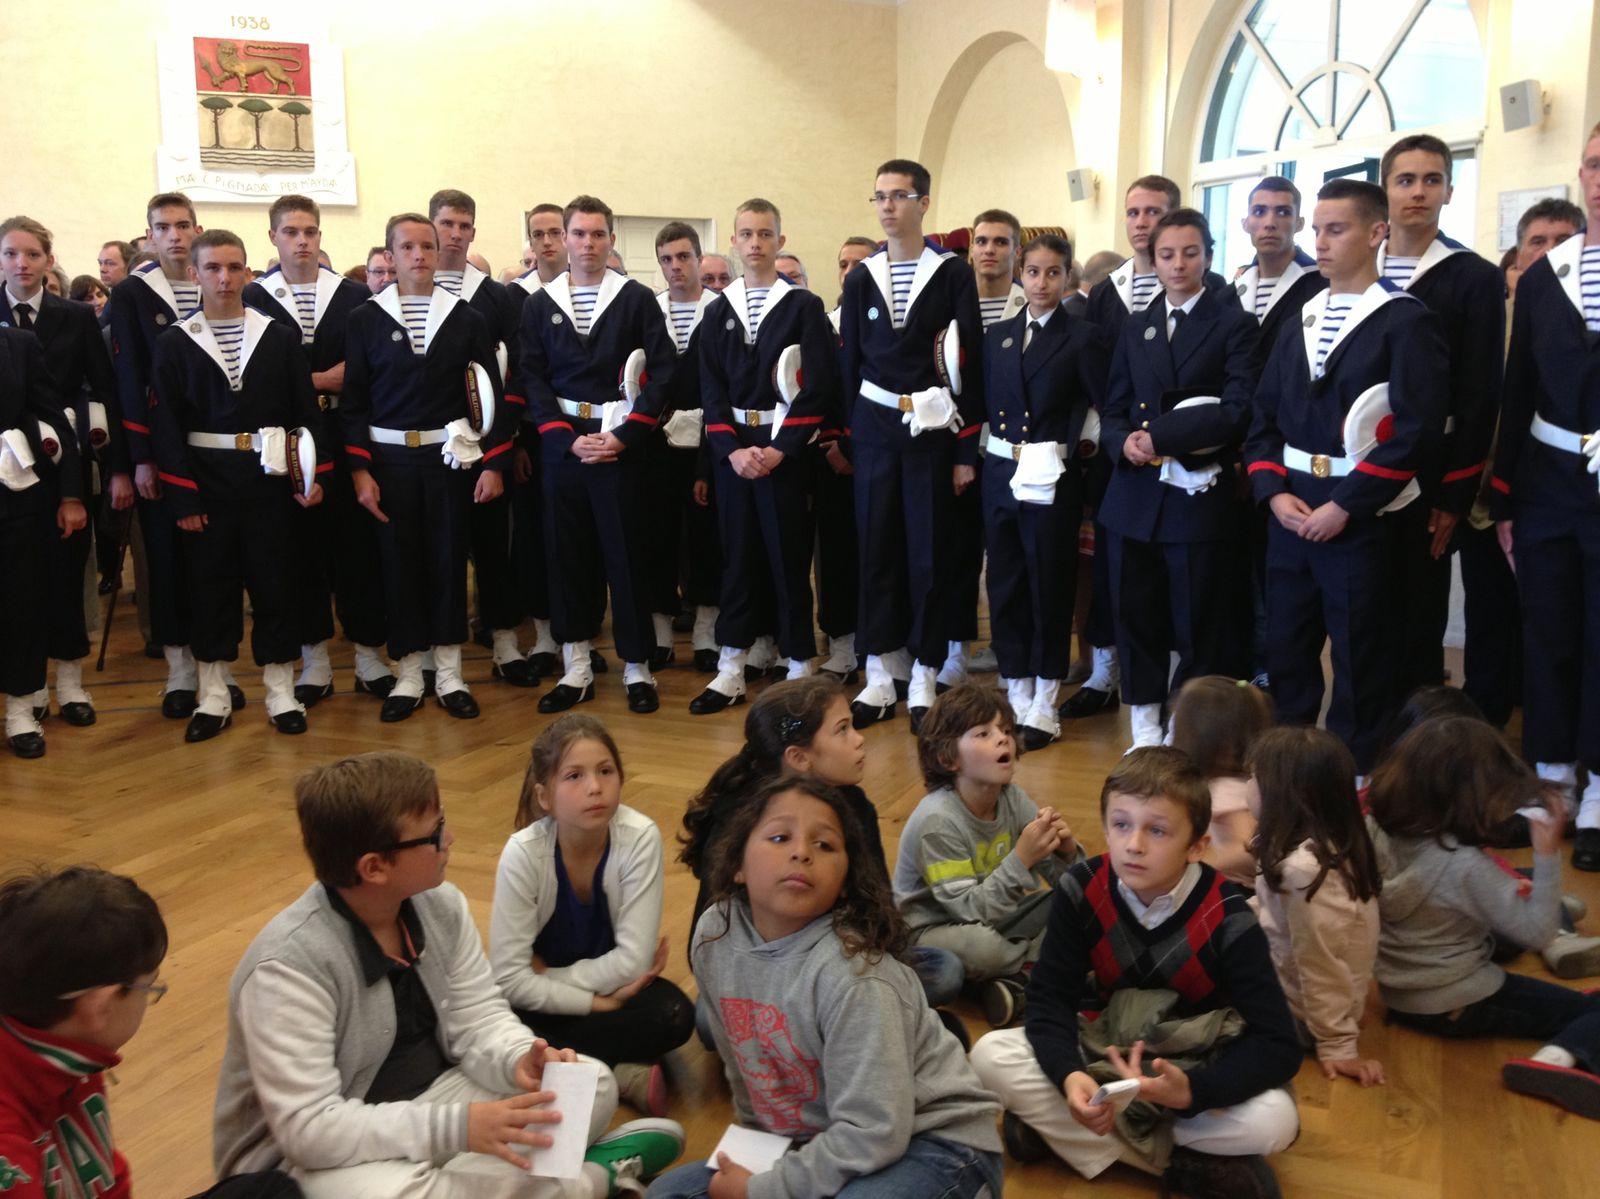 les élèves des écoles et les jeunes de la préparation militaire marine qui viennent d'être honorés écoutent le discours du Maire